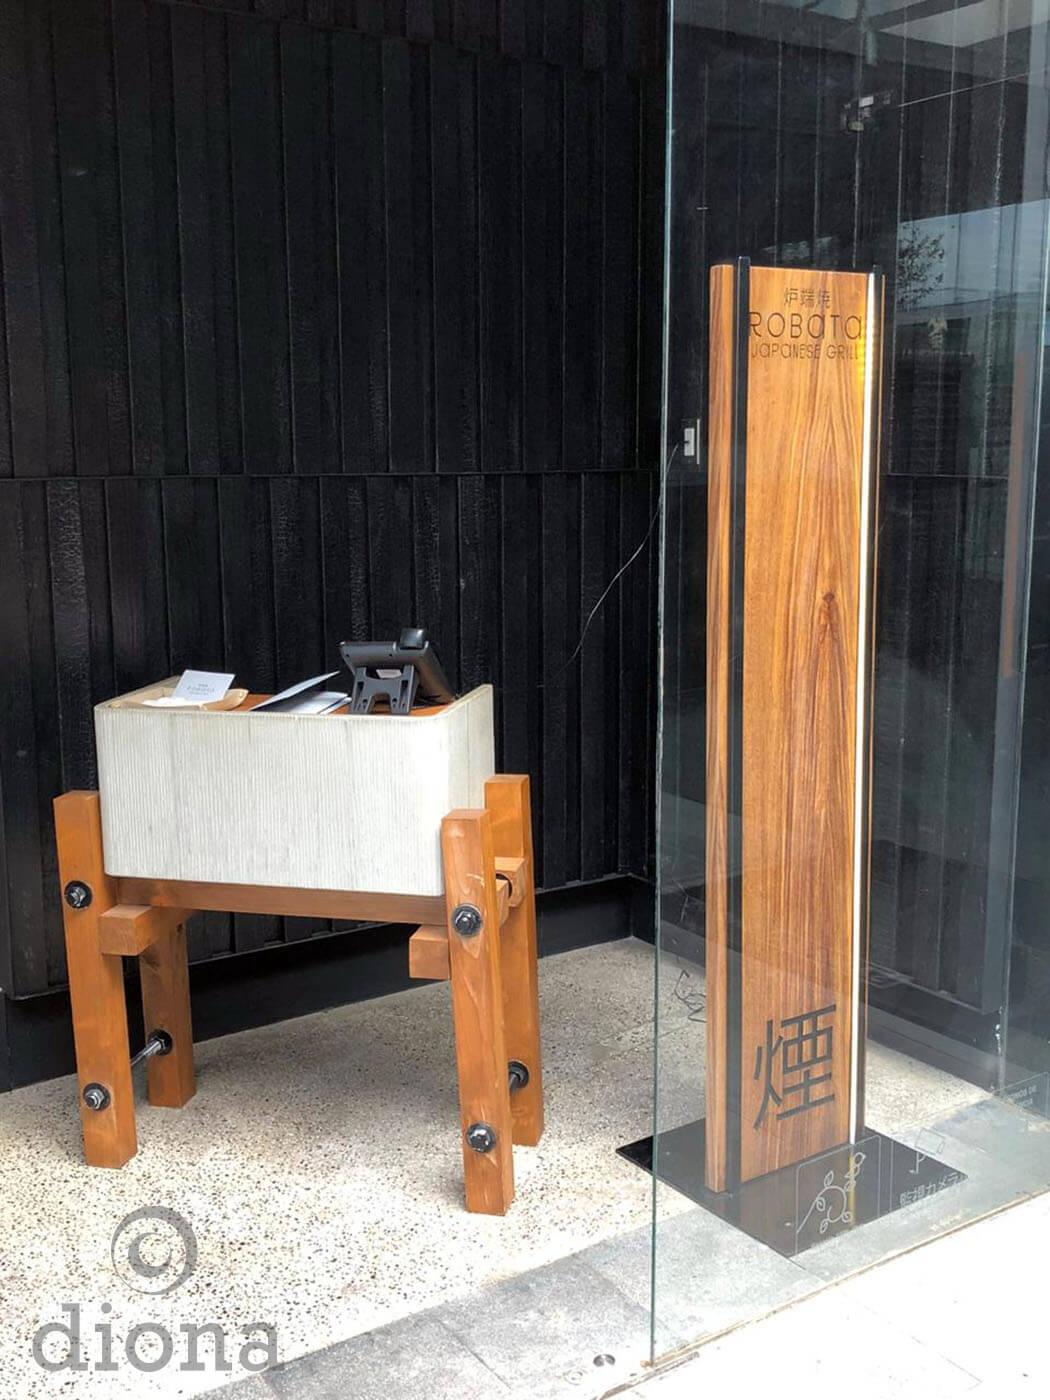 diseño industrial, mobiliario - totem menú, restaurante Robata, fabricación diona